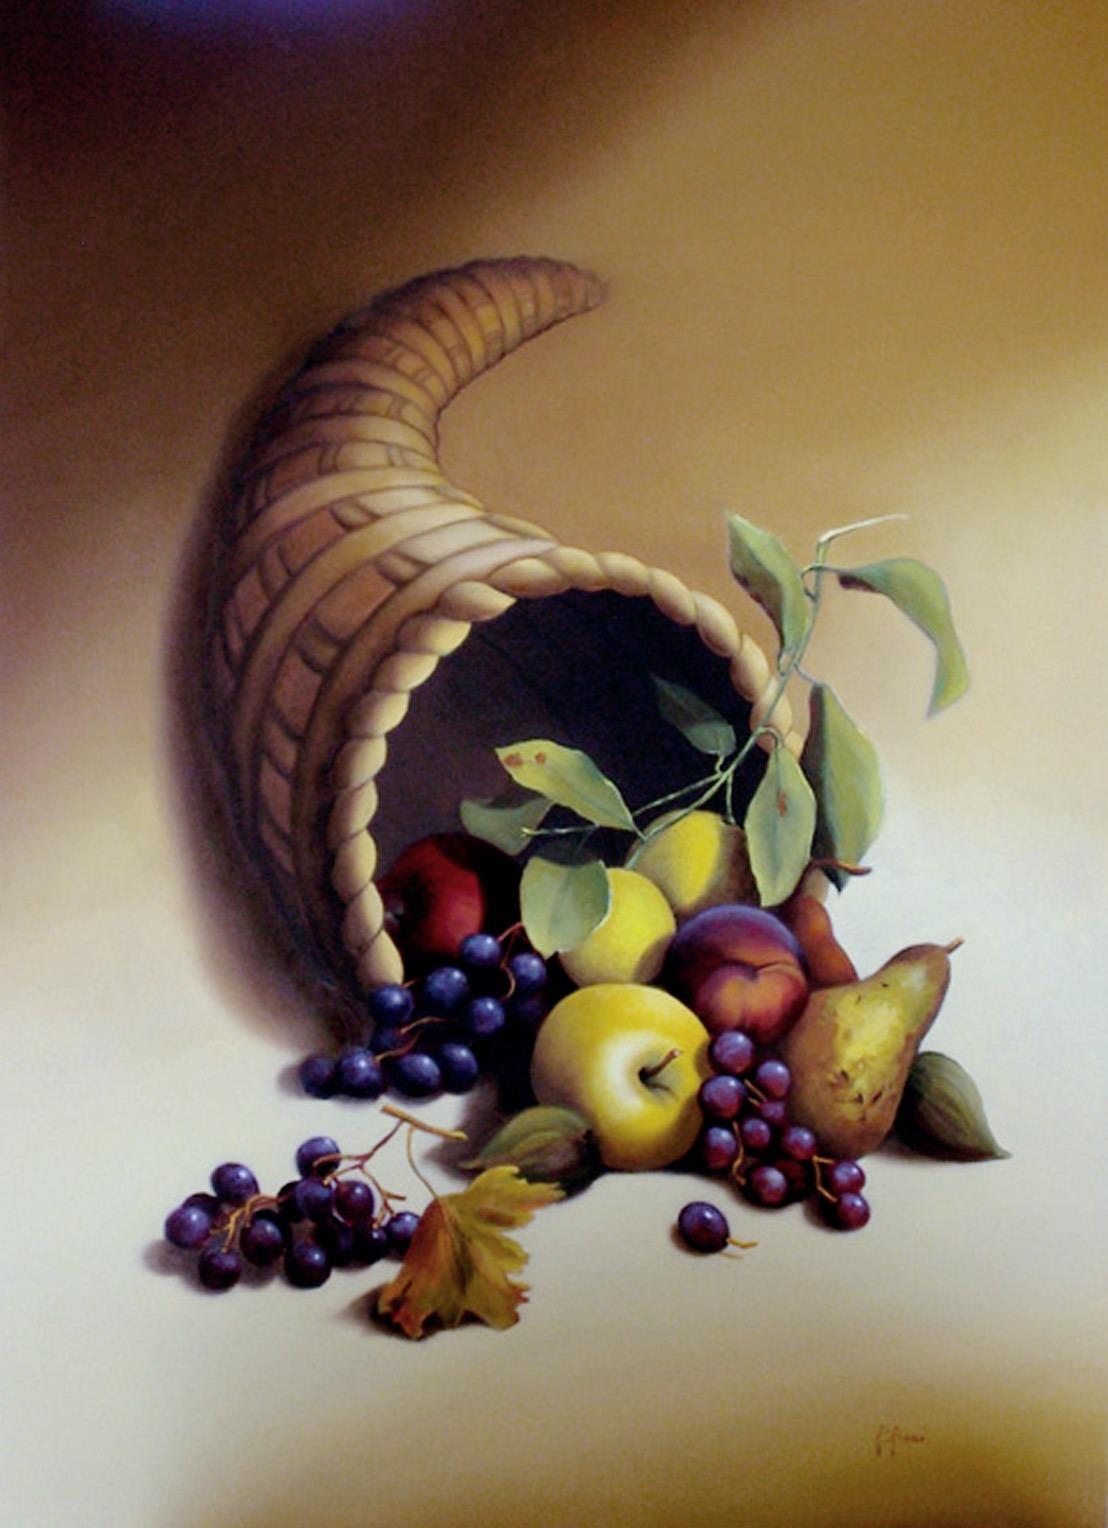 2007 roberta rossi - Cornucopia - olio su tela - 70 x 50